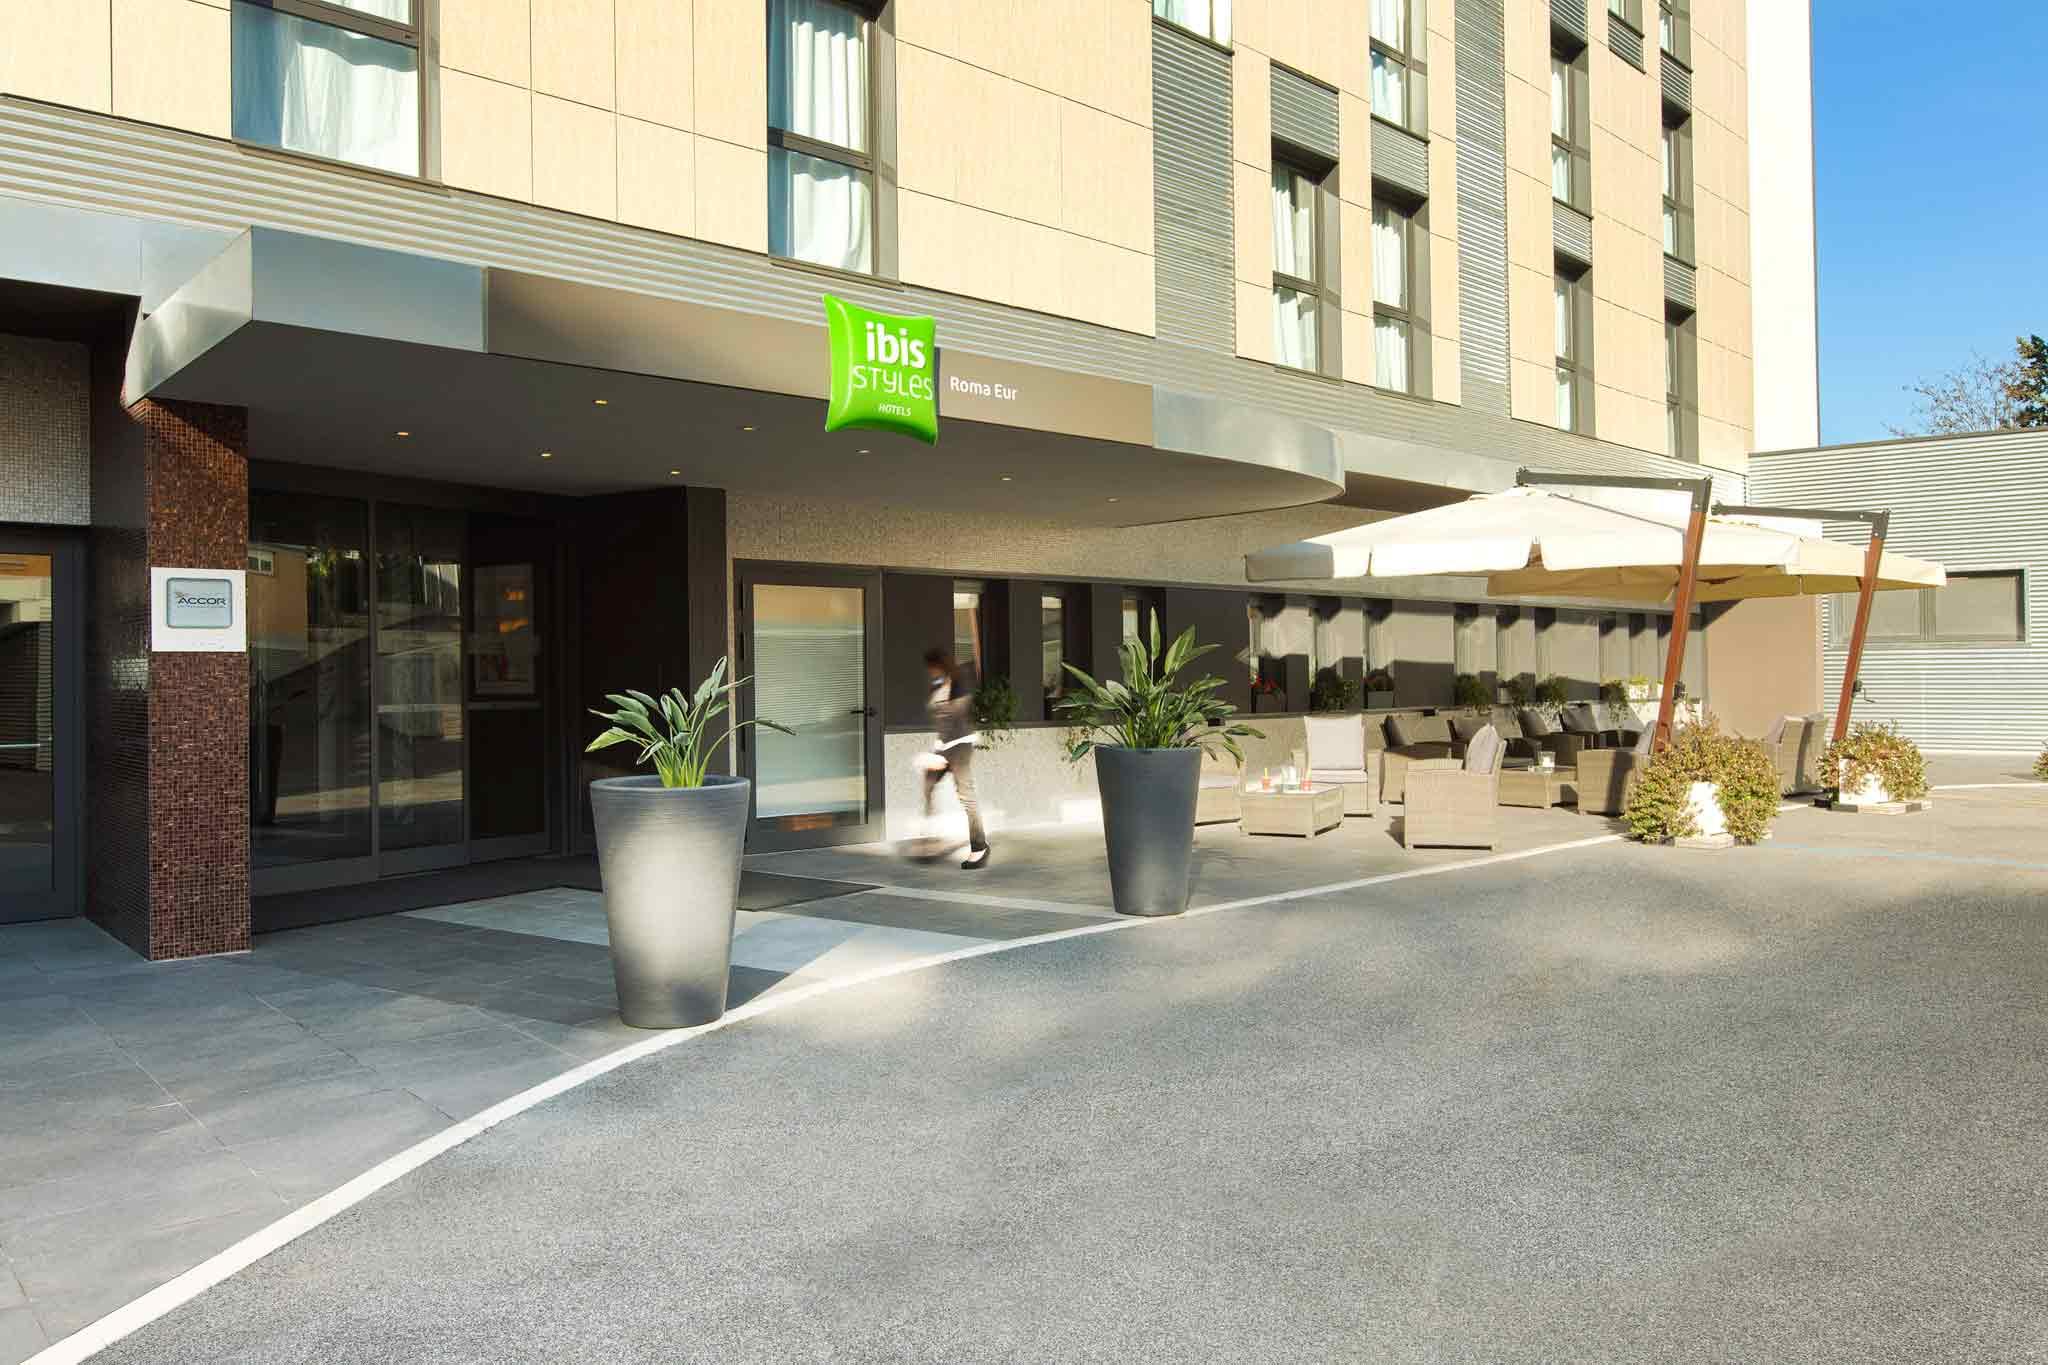 Otel – ibis Styles Roma Eur - Yeni açıldı